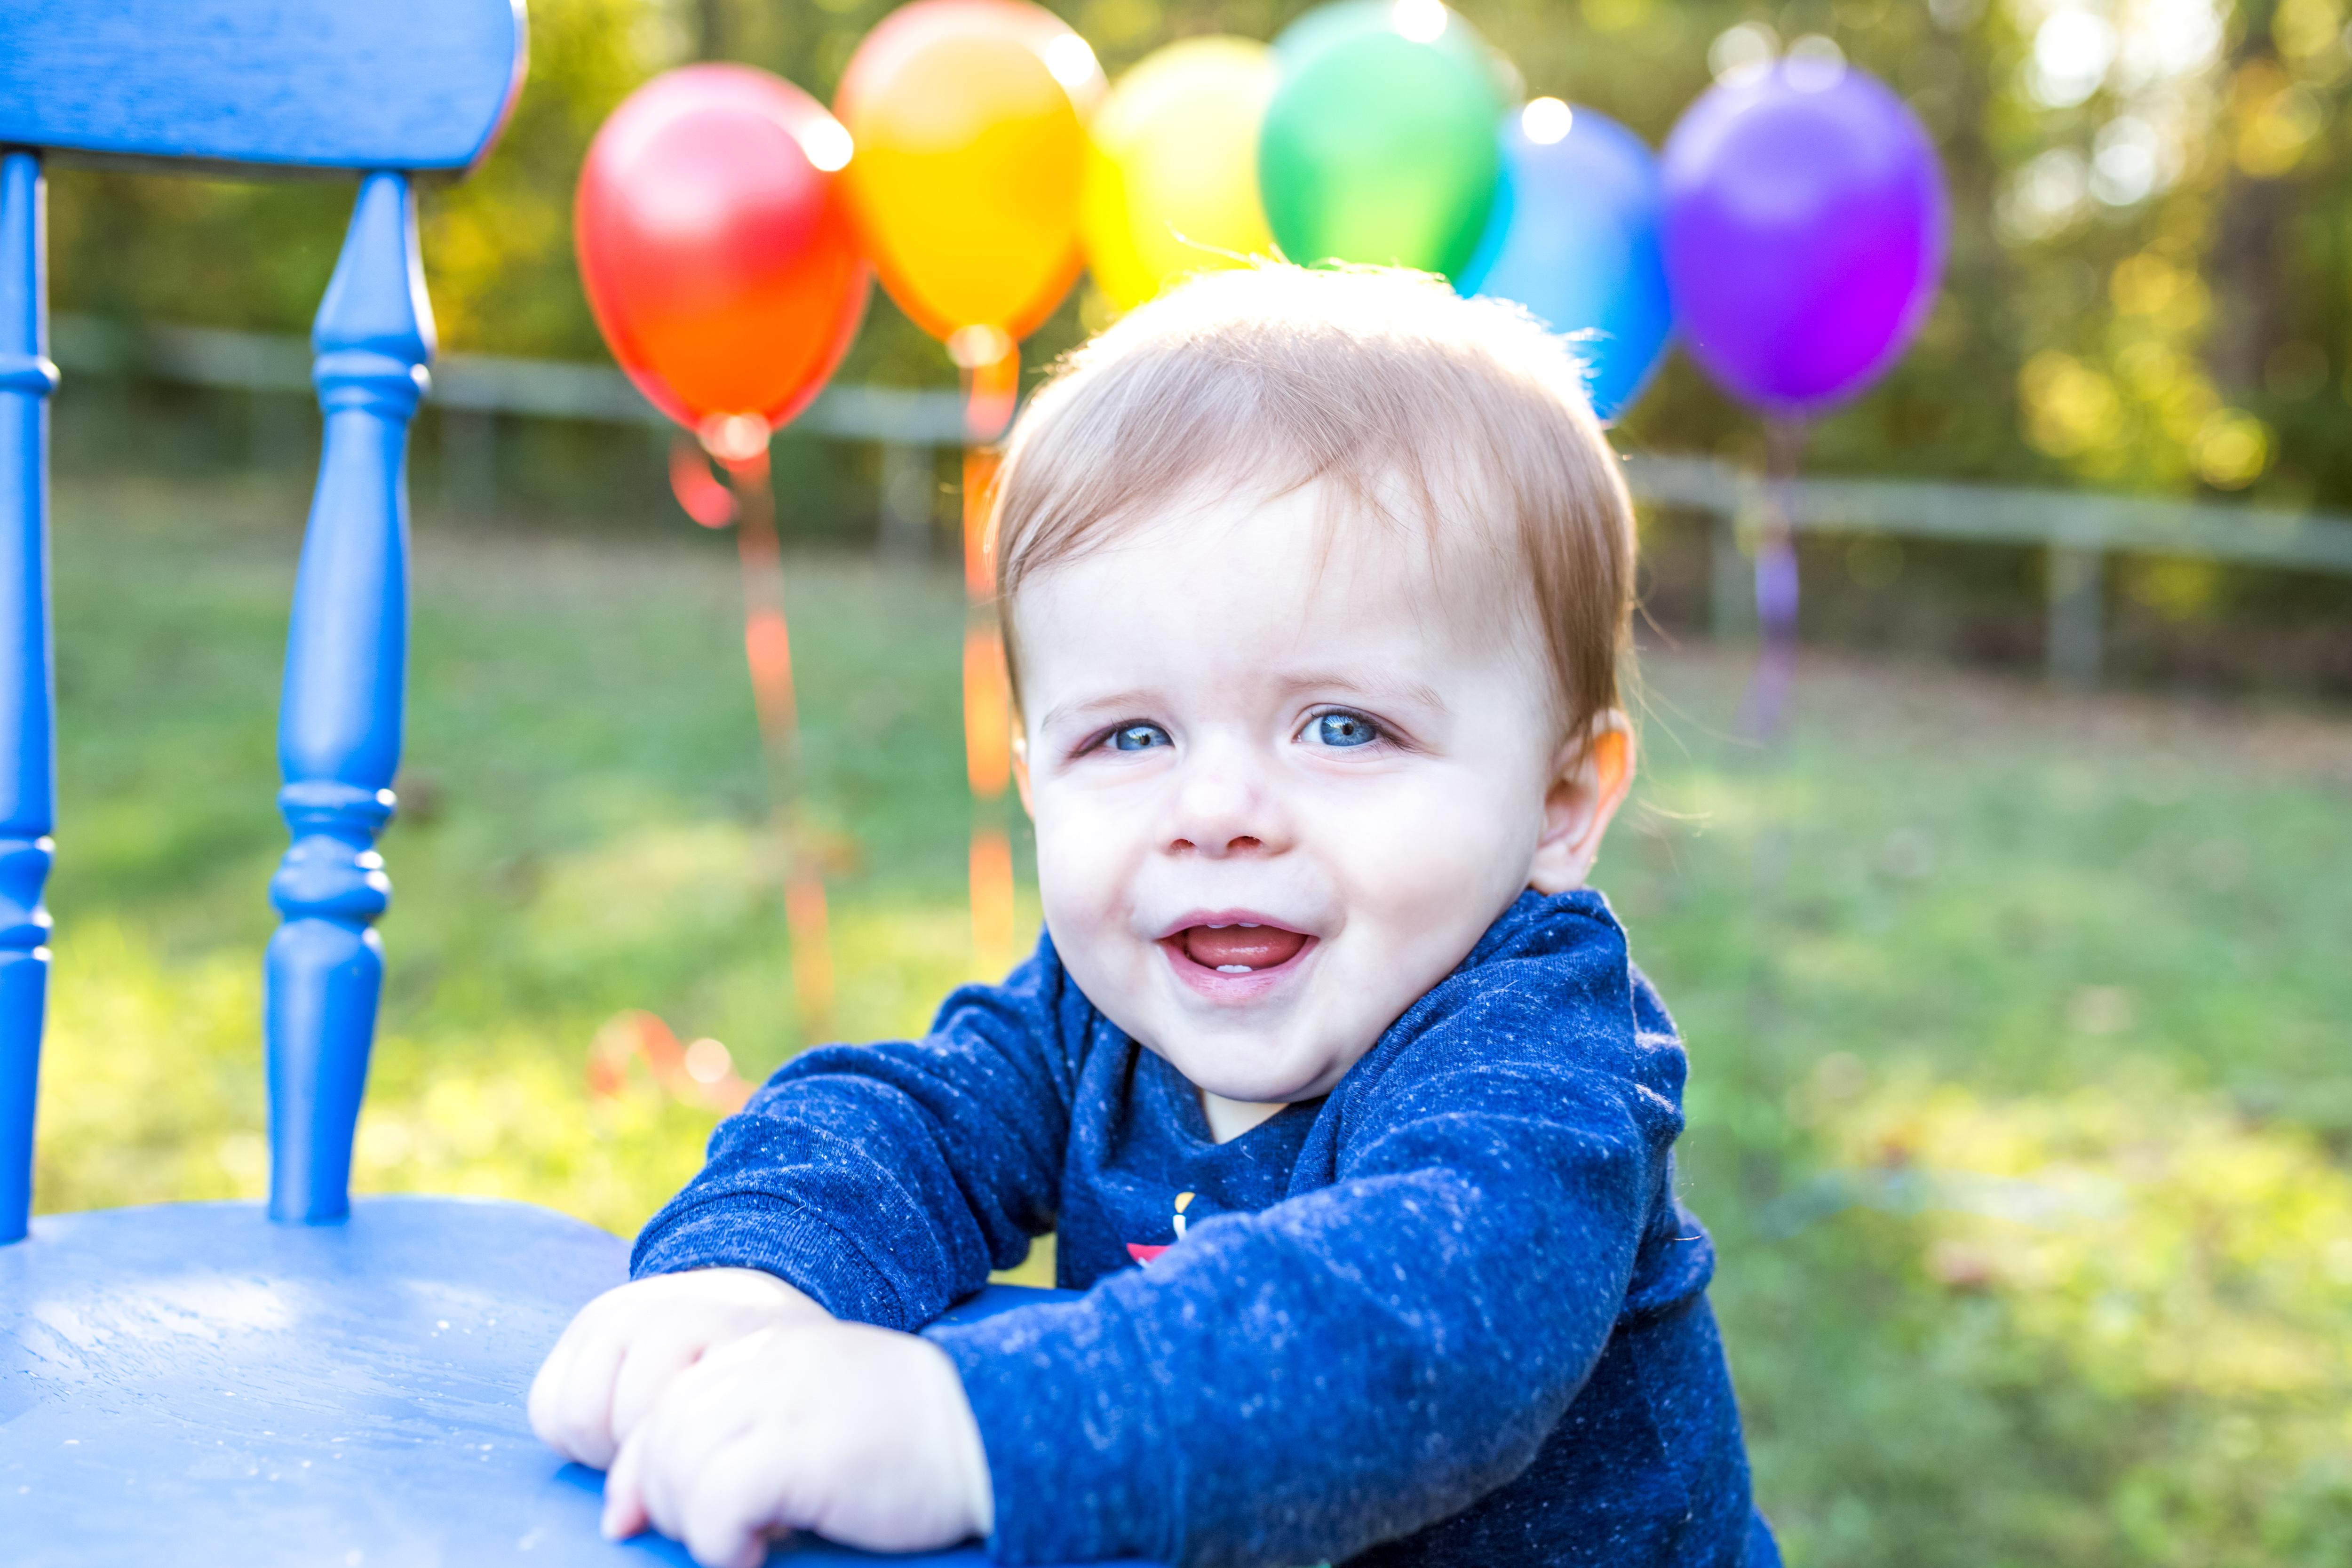 Rainbow Baby Cake Smash